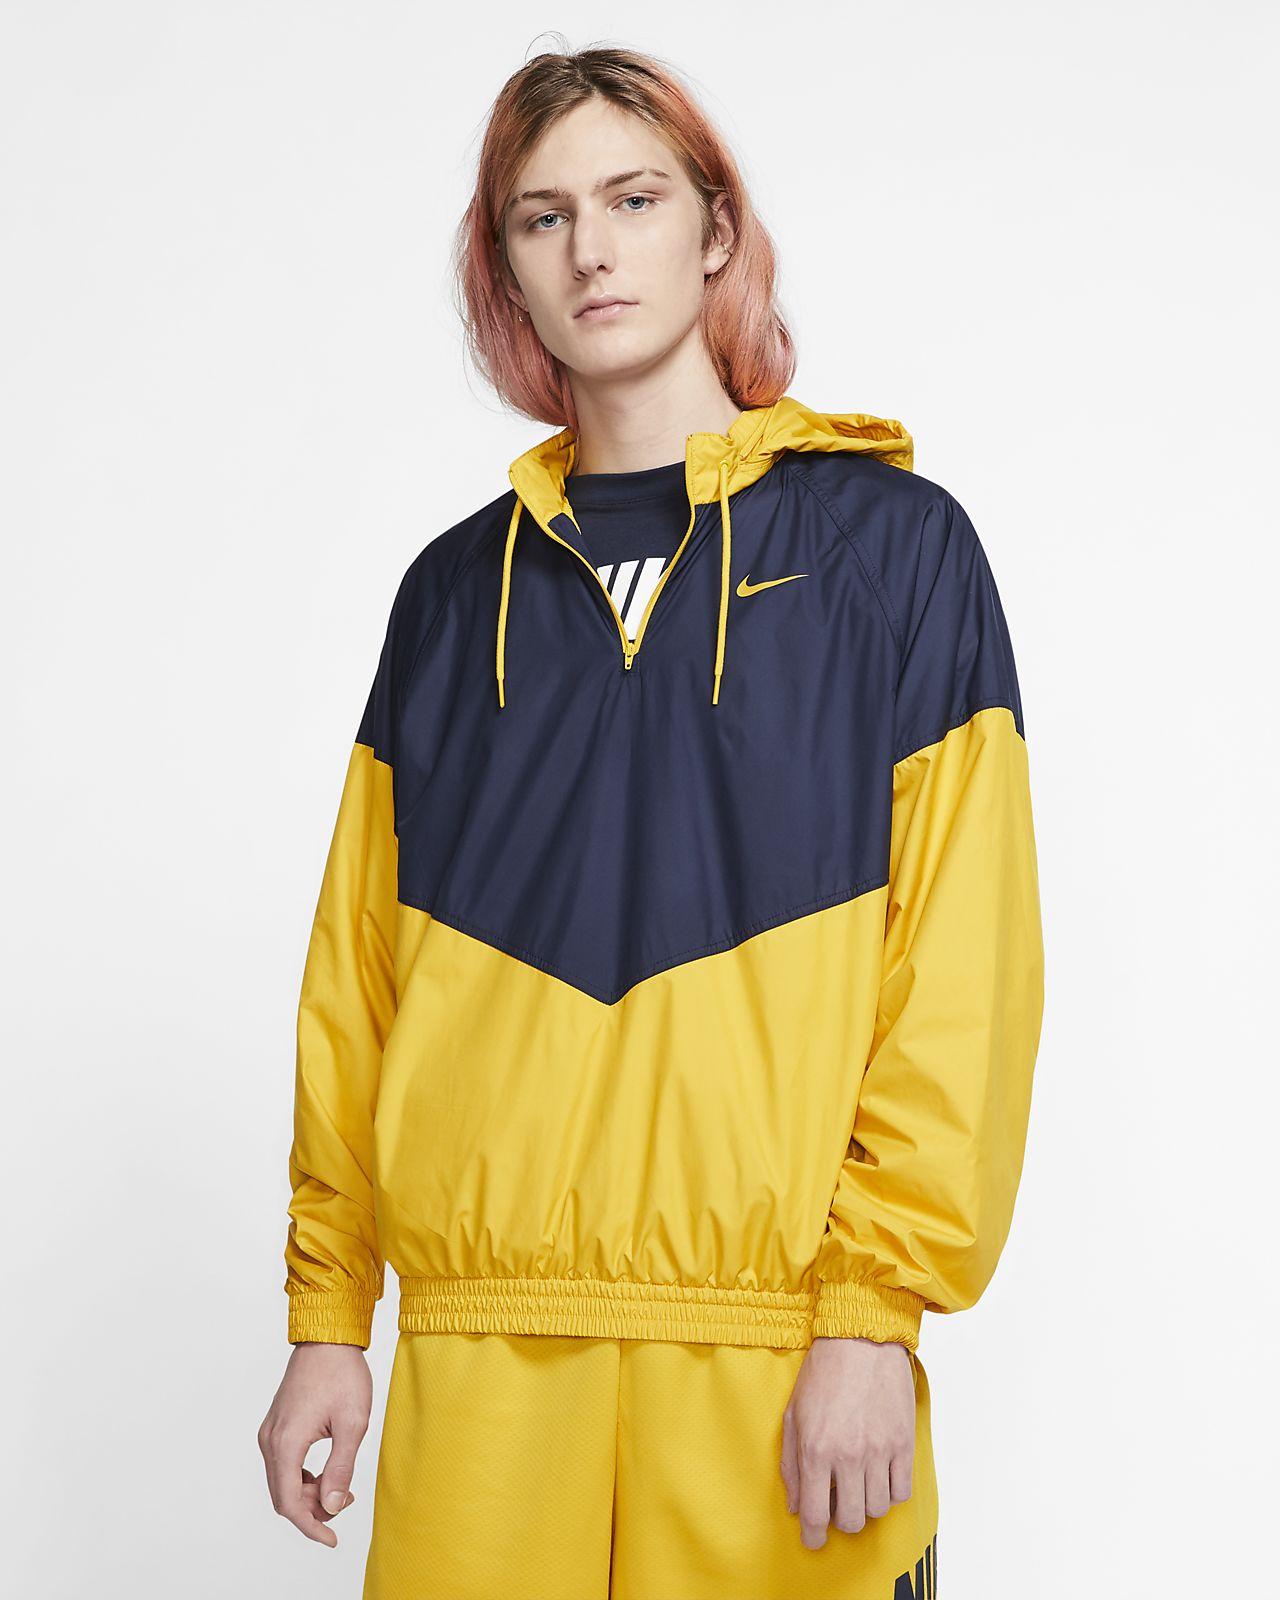 Мужская куртка для скейтбординга Nike SB Shield